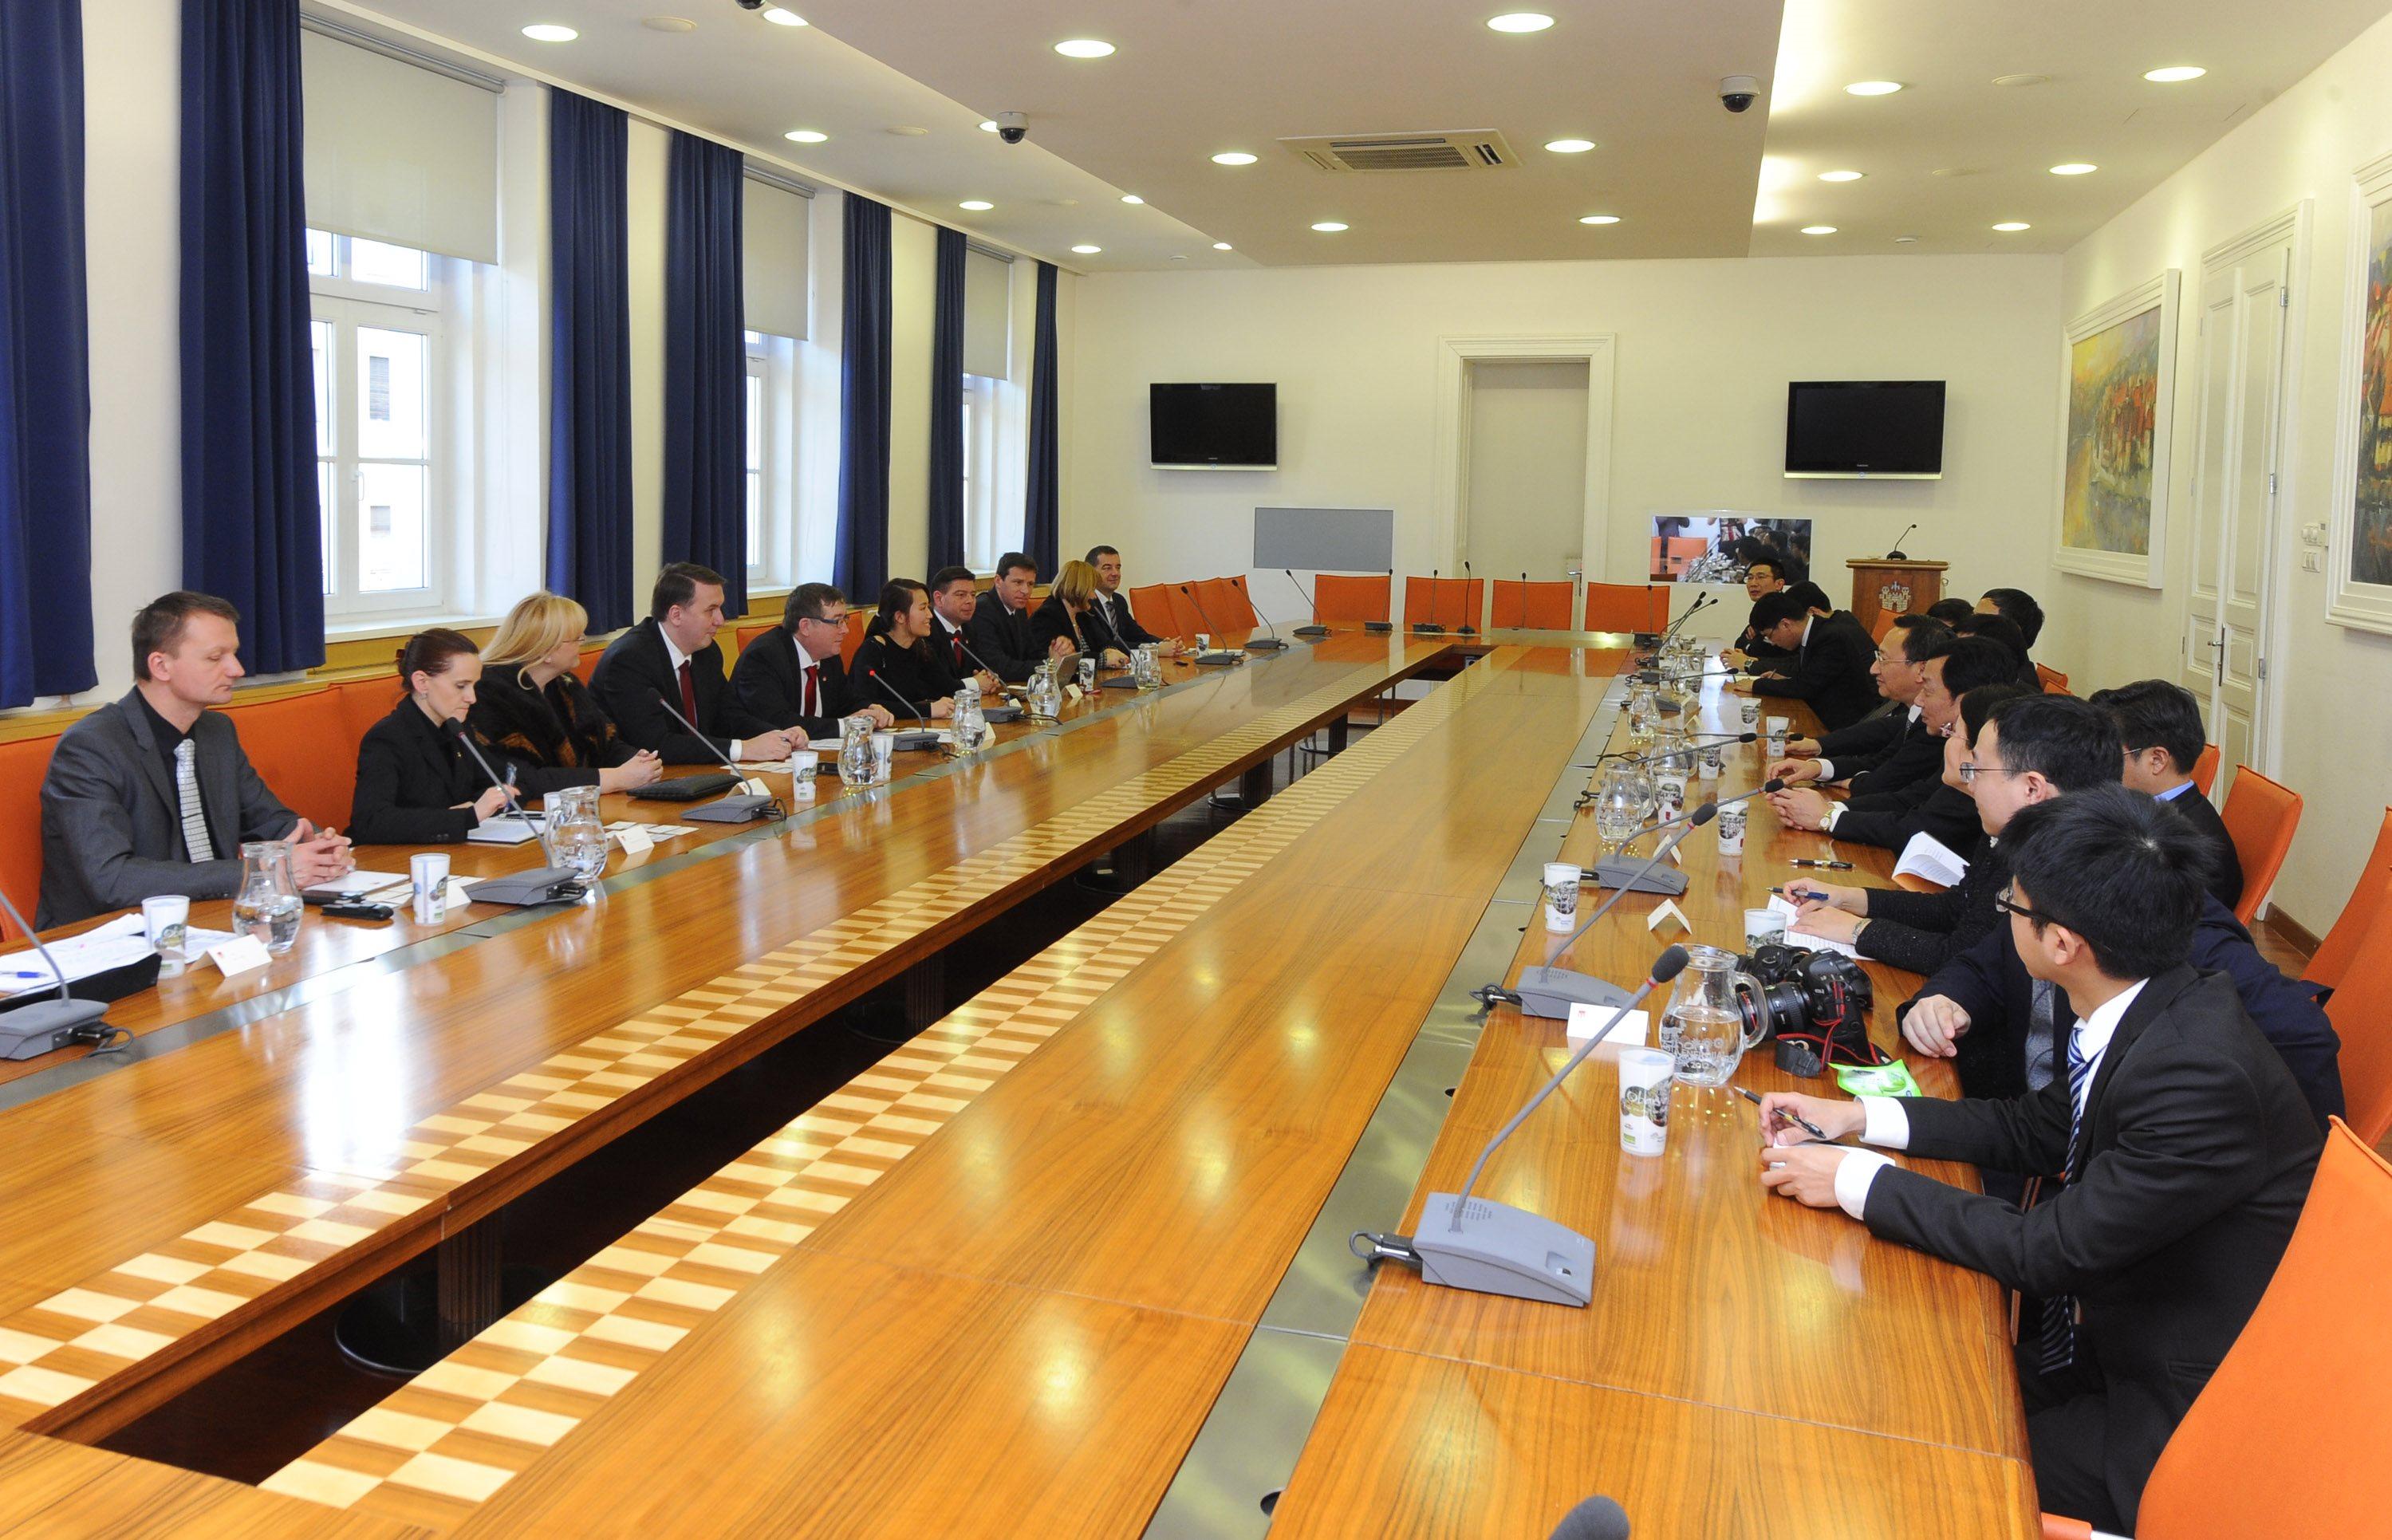 Srečanje predstavlja prvi obisk celotnega kitajskega mestnega vodstva z županom na čelu v Mariboru.